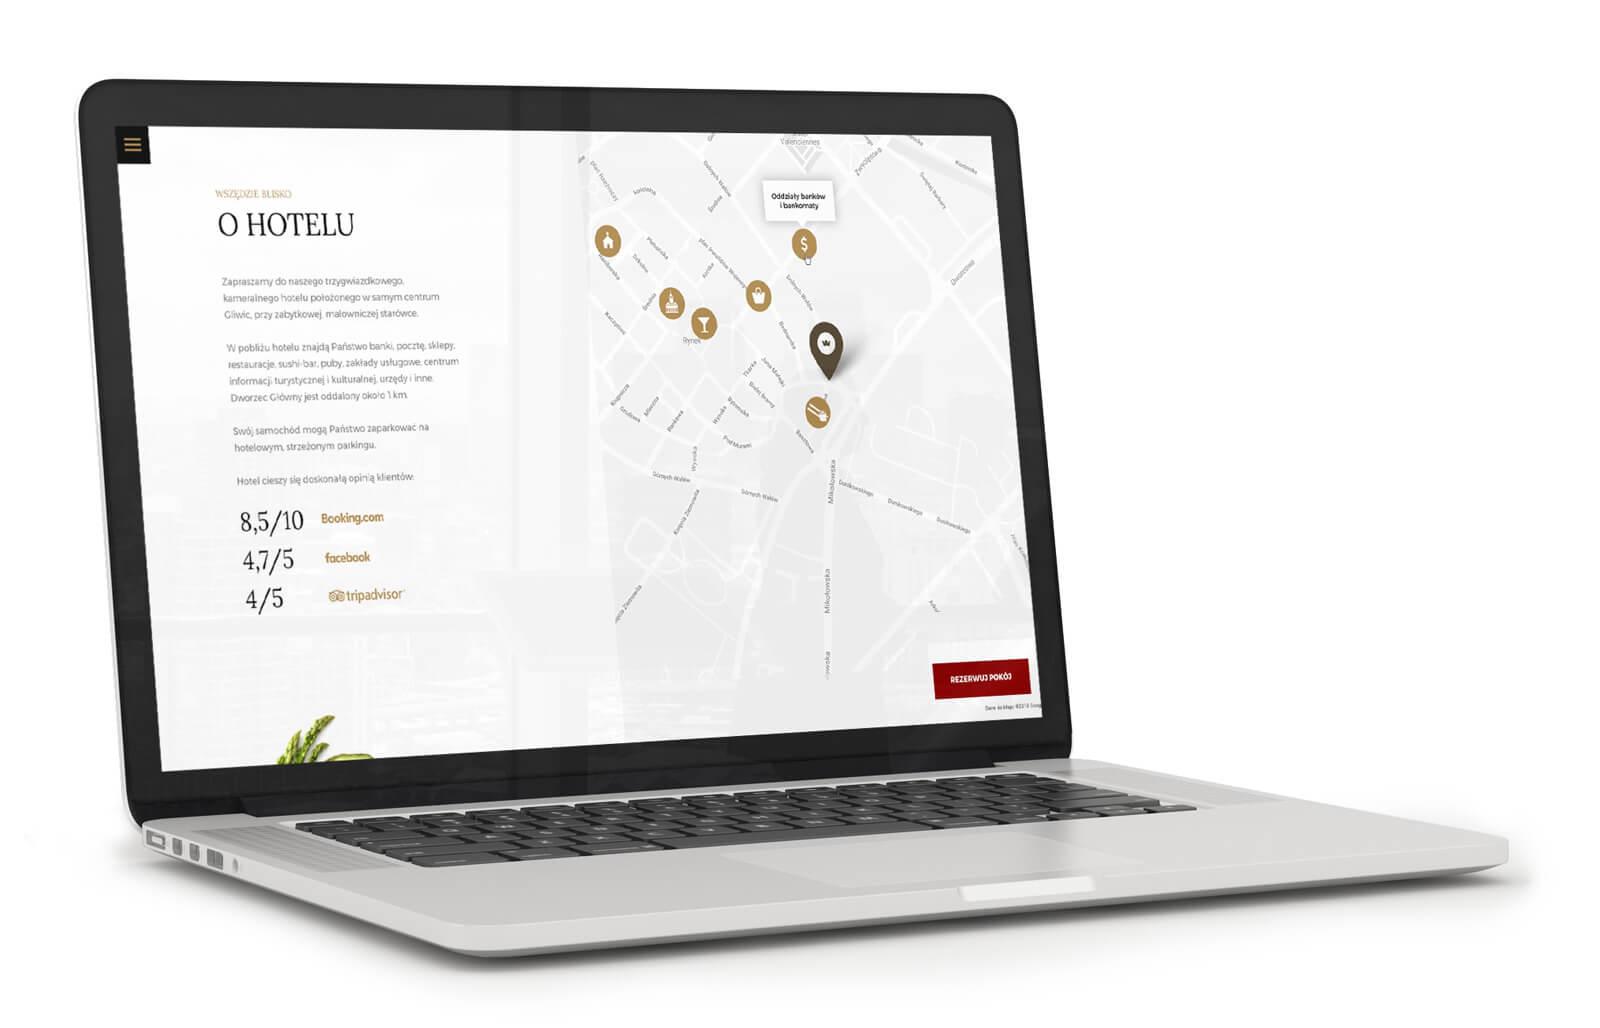 Hotel Royal nowa strona internetowa jest już w sieci